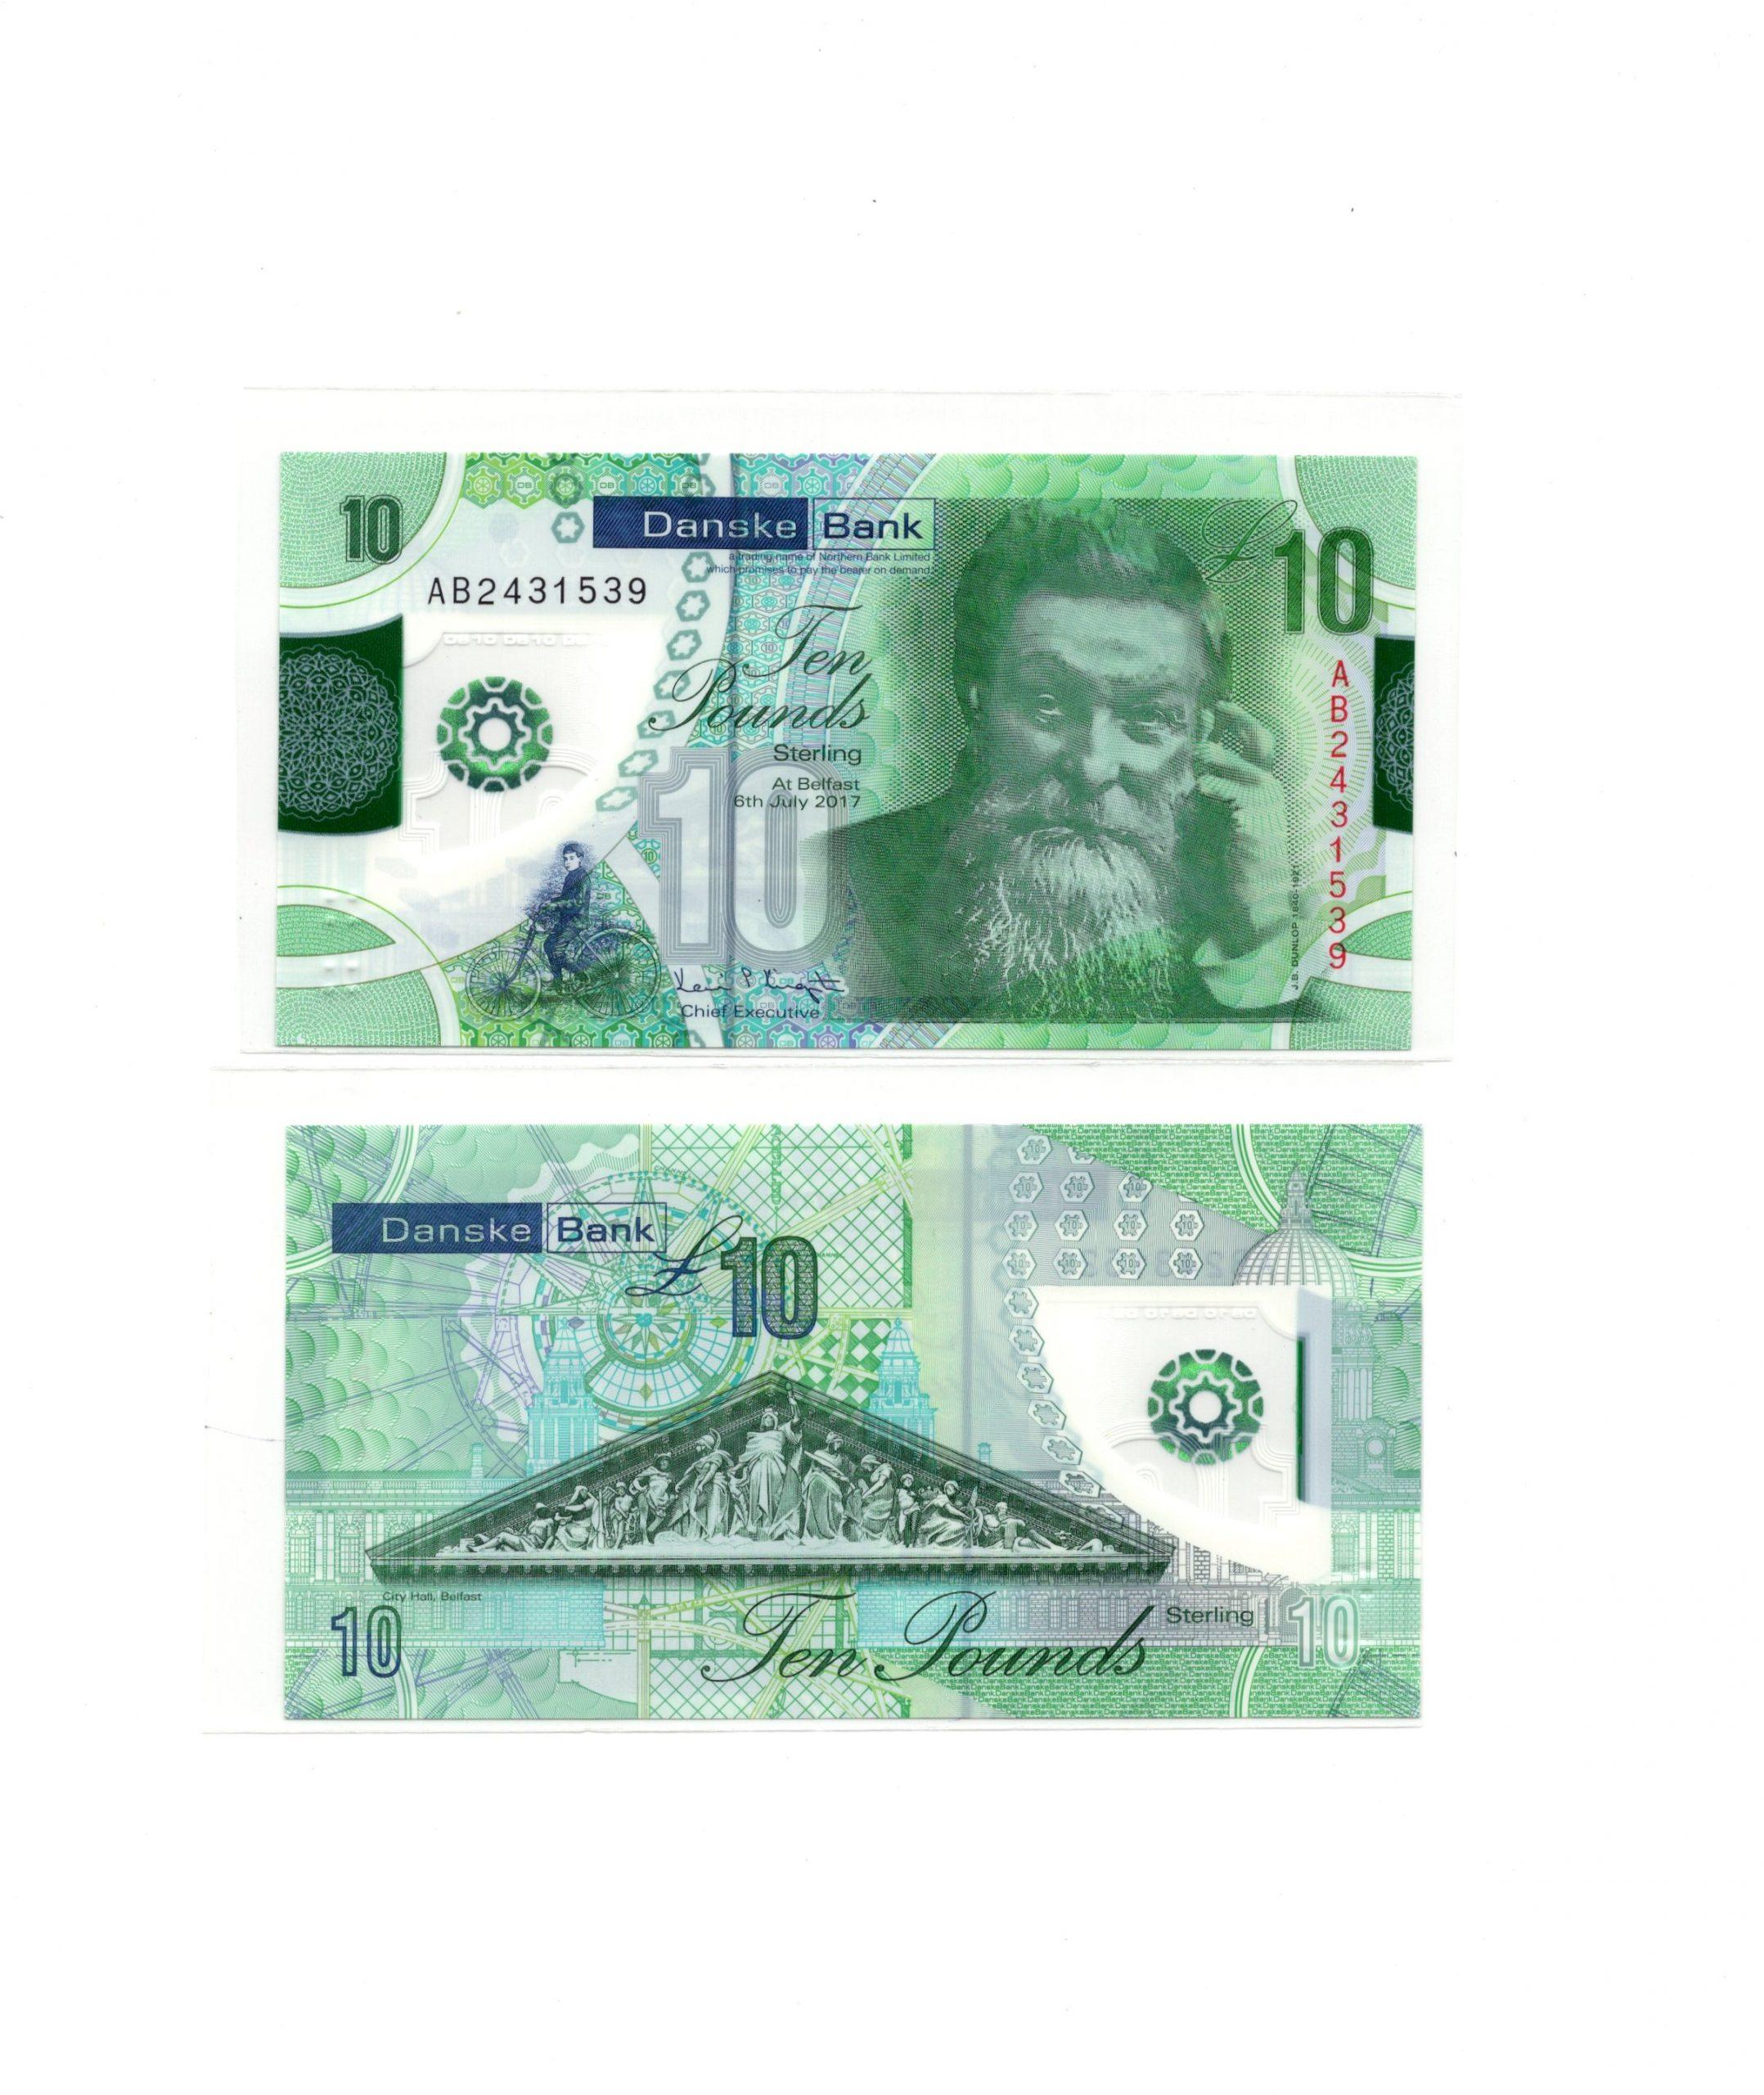 Ireland 10 banke bank